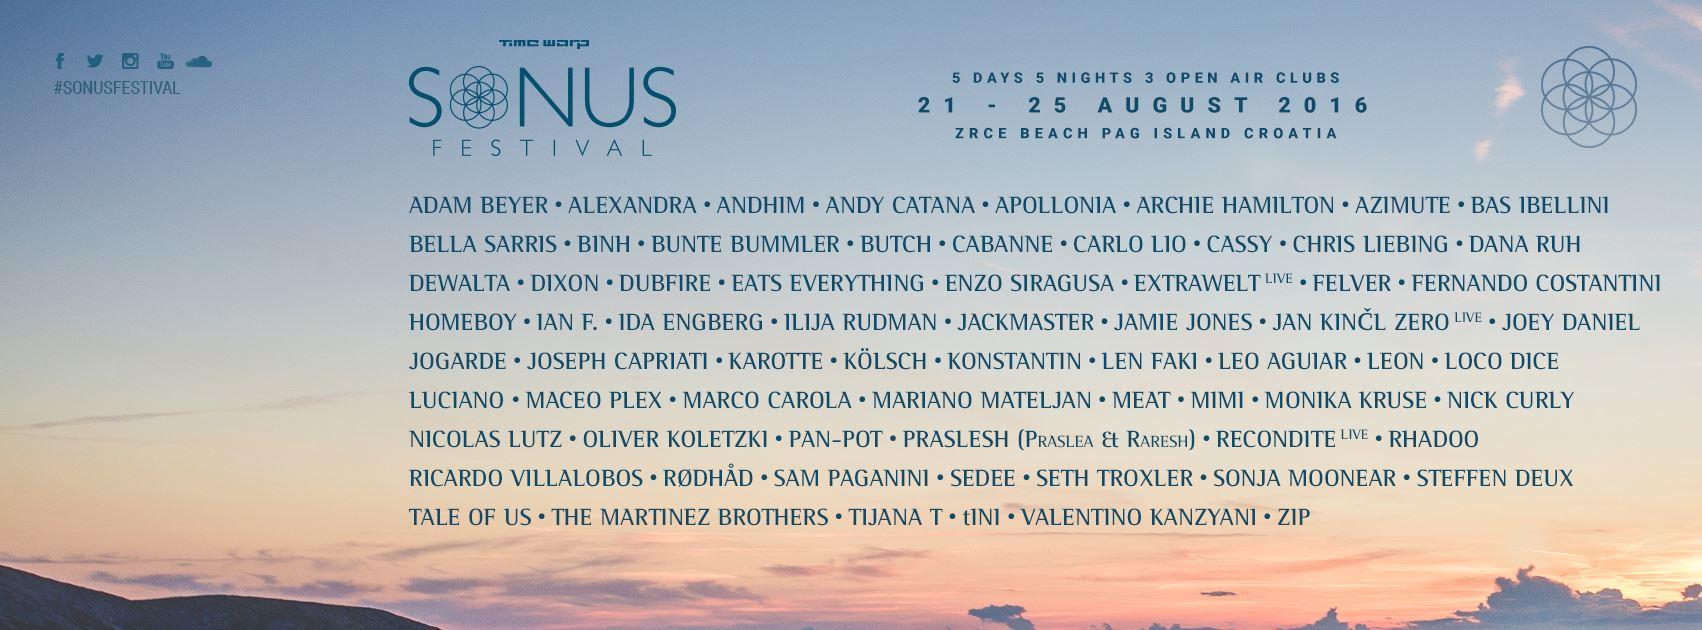 sonus2016